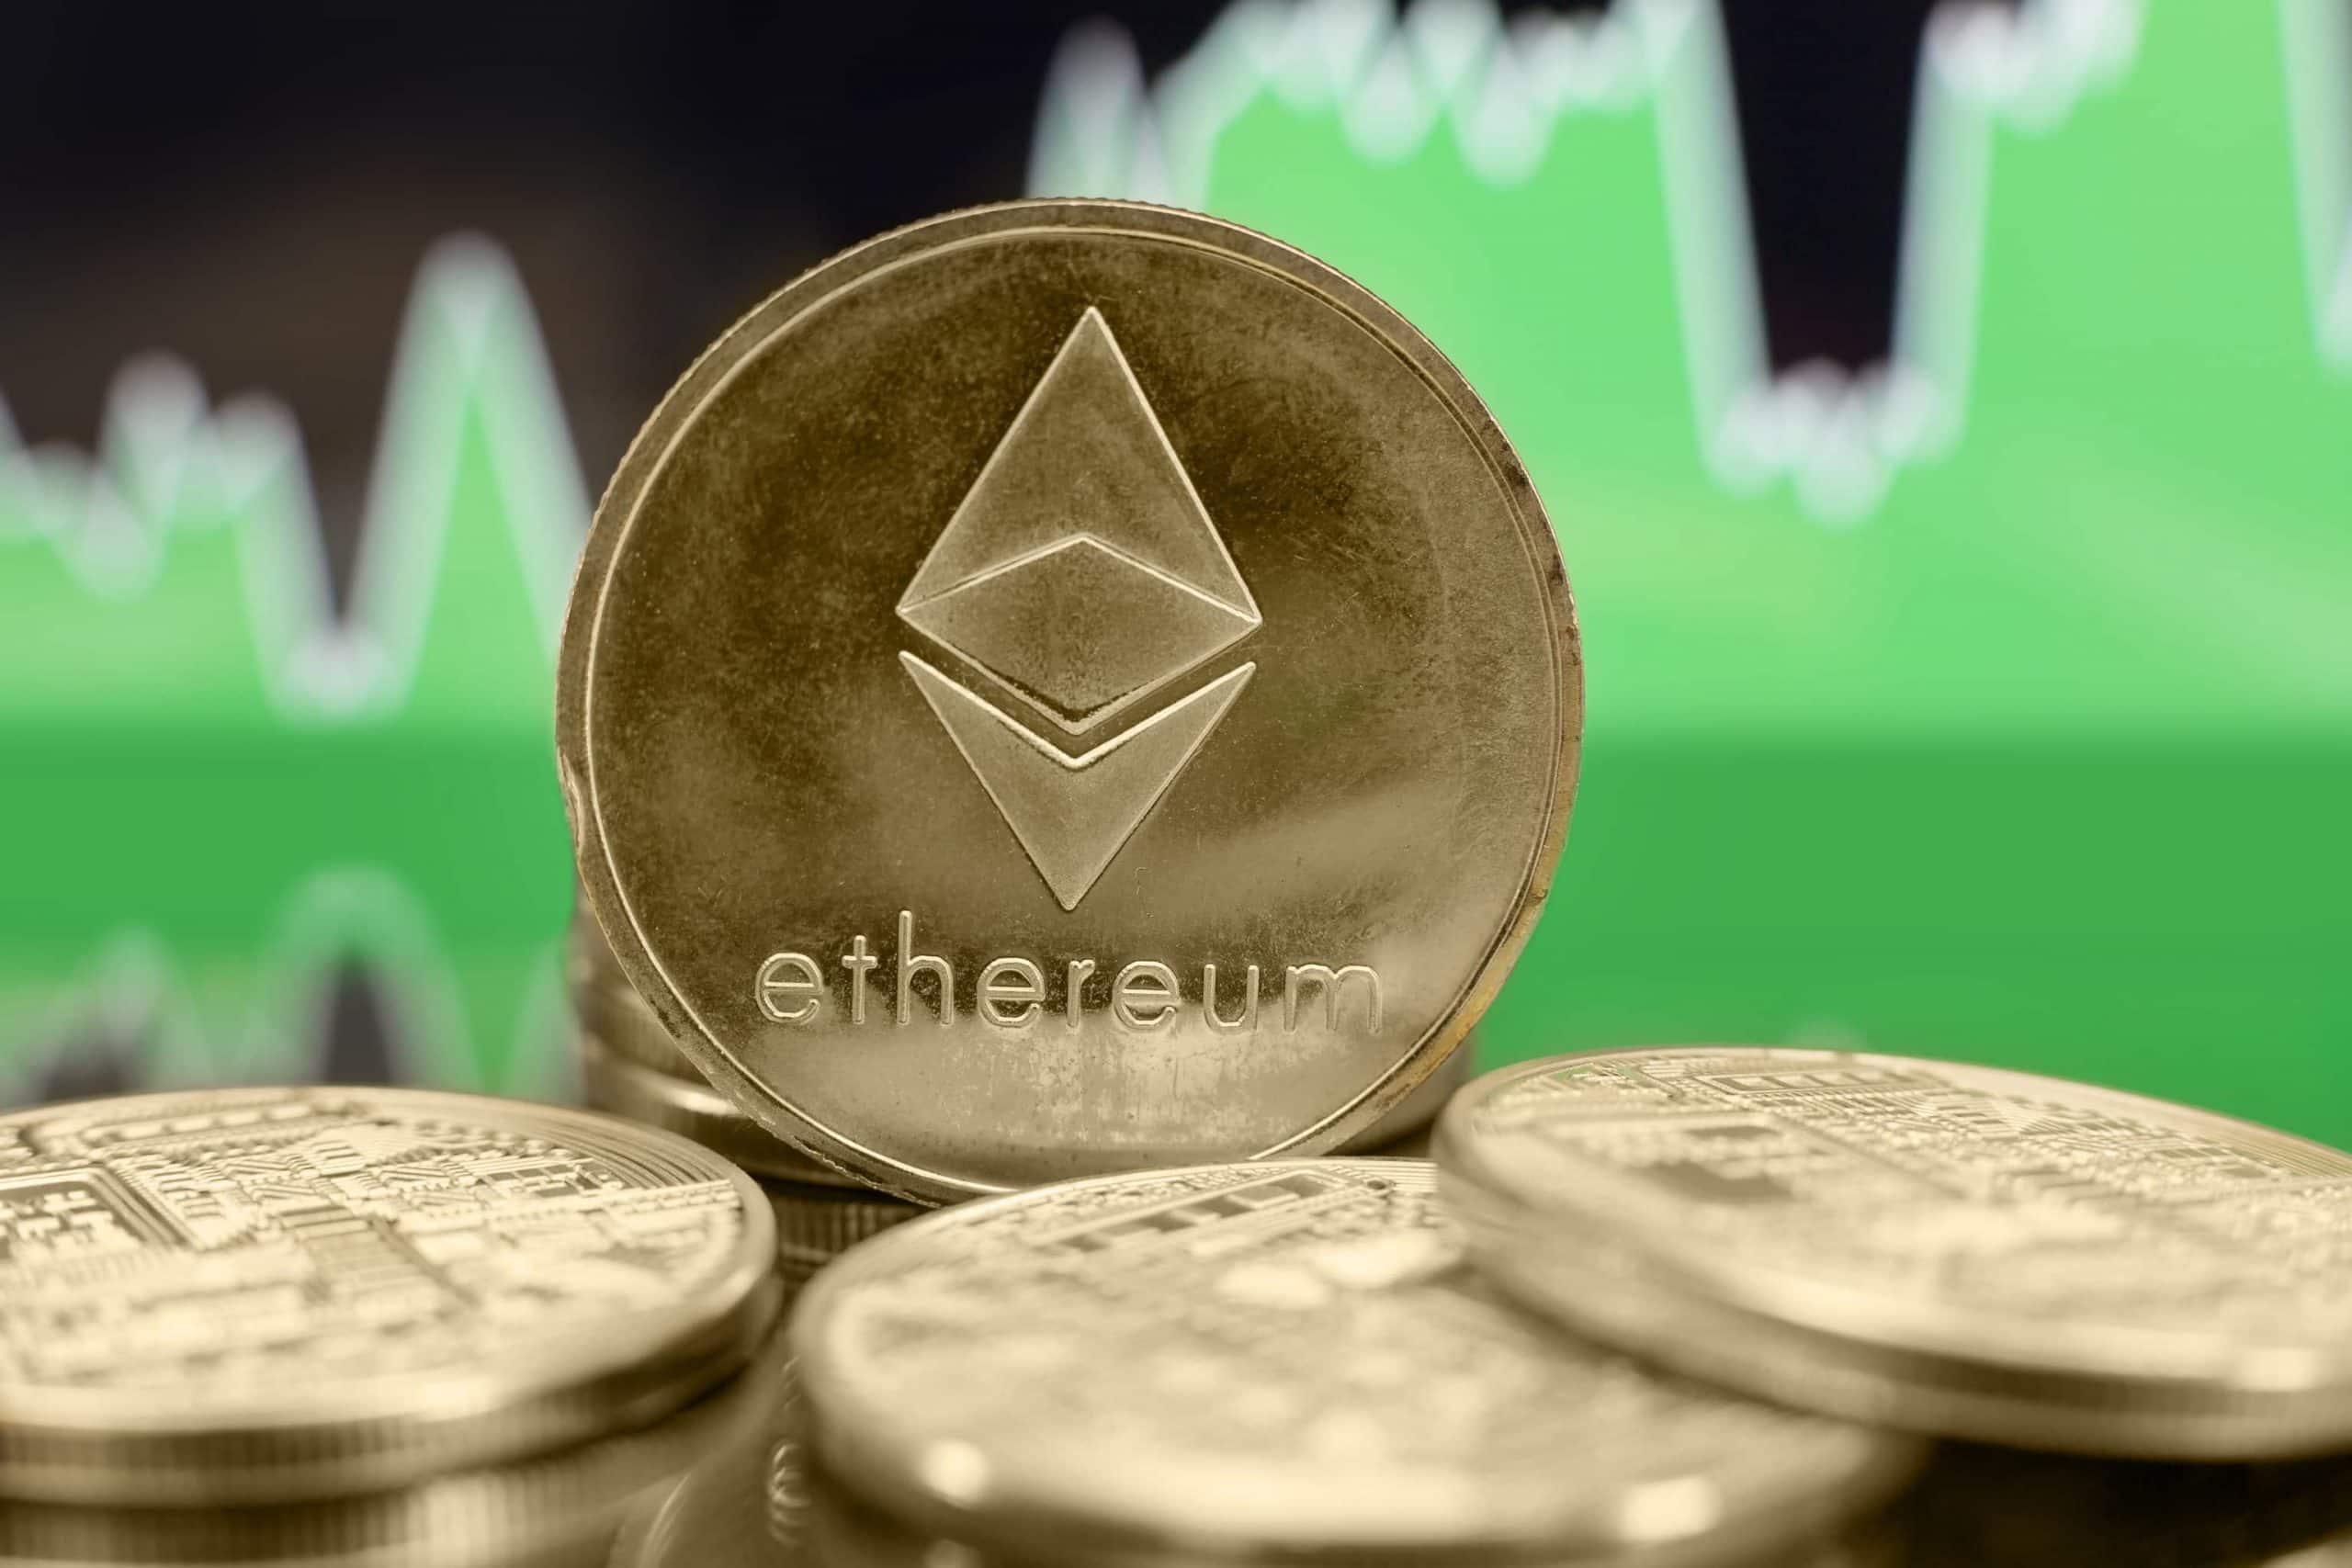 Ethereum-Münzen vor grünem Börsenchart